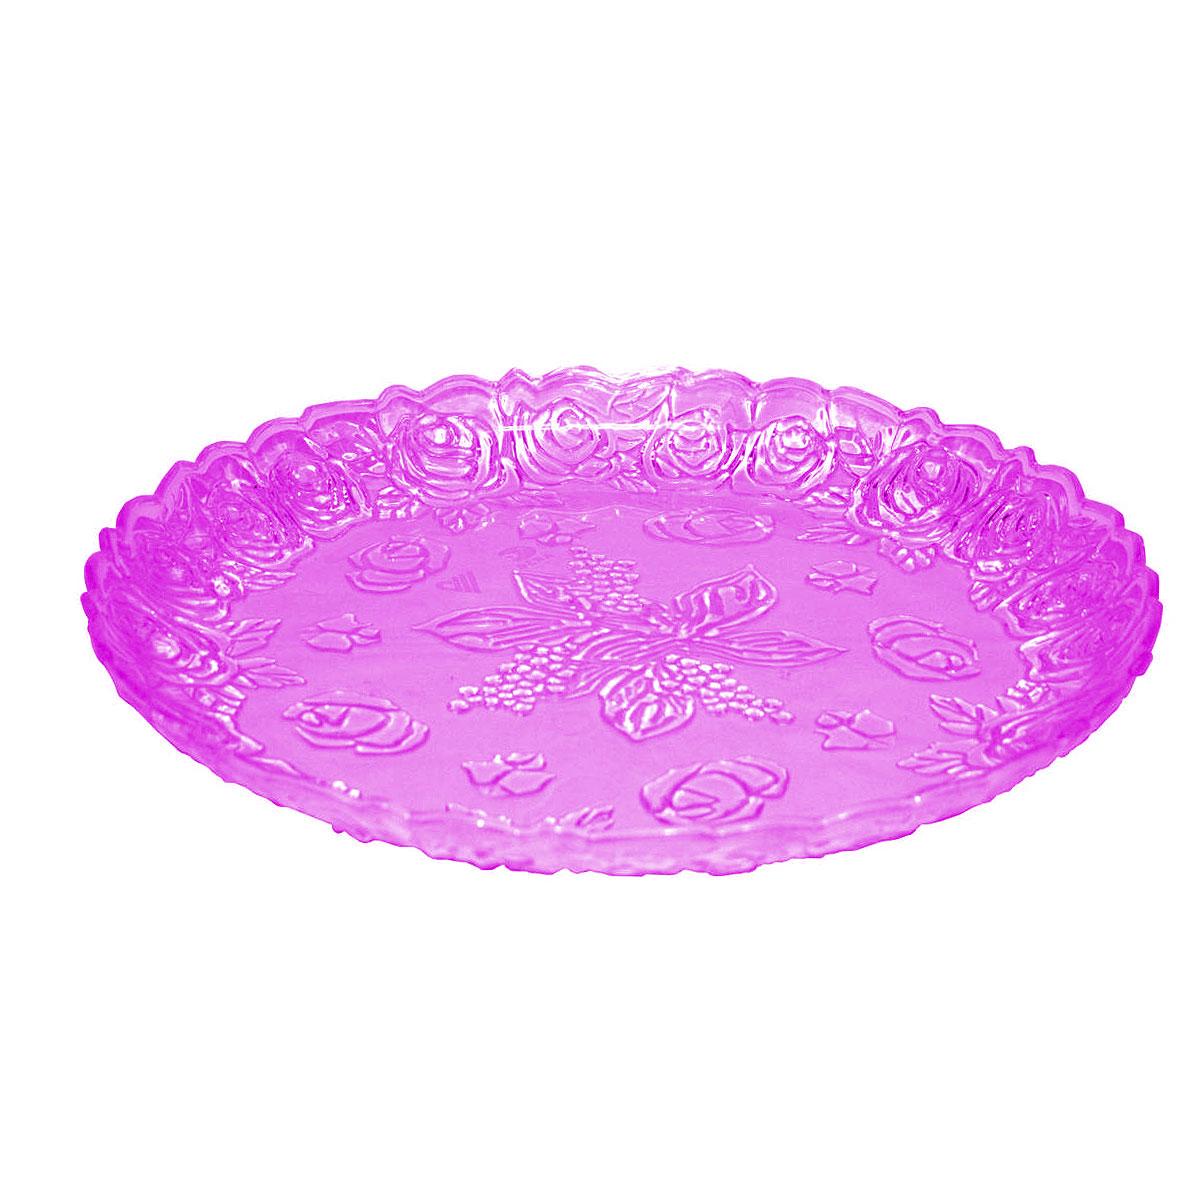 Поднос Альтернатива Изобилие, цвет: фиолетовый, диаметр 35 смМ554Поднос Альтернатива Изобилие, выполненный из пластика, станет незаменимым предметом для сервировки стола. Внешние стенки подноса оформлены объемным узоров в виде цветов. Края подноса фигурные. Красочный дизайн подноса придаст оригинальность и яркость любой кухне или столовой. Поднос уместит на себе достаточно много продуктов и предохранит поверхность стола от грязи и перегрева. Можно мыть в посудомоечной машине. Диаметр подноса: 35 см. Высота стенки подноса: 4 см.